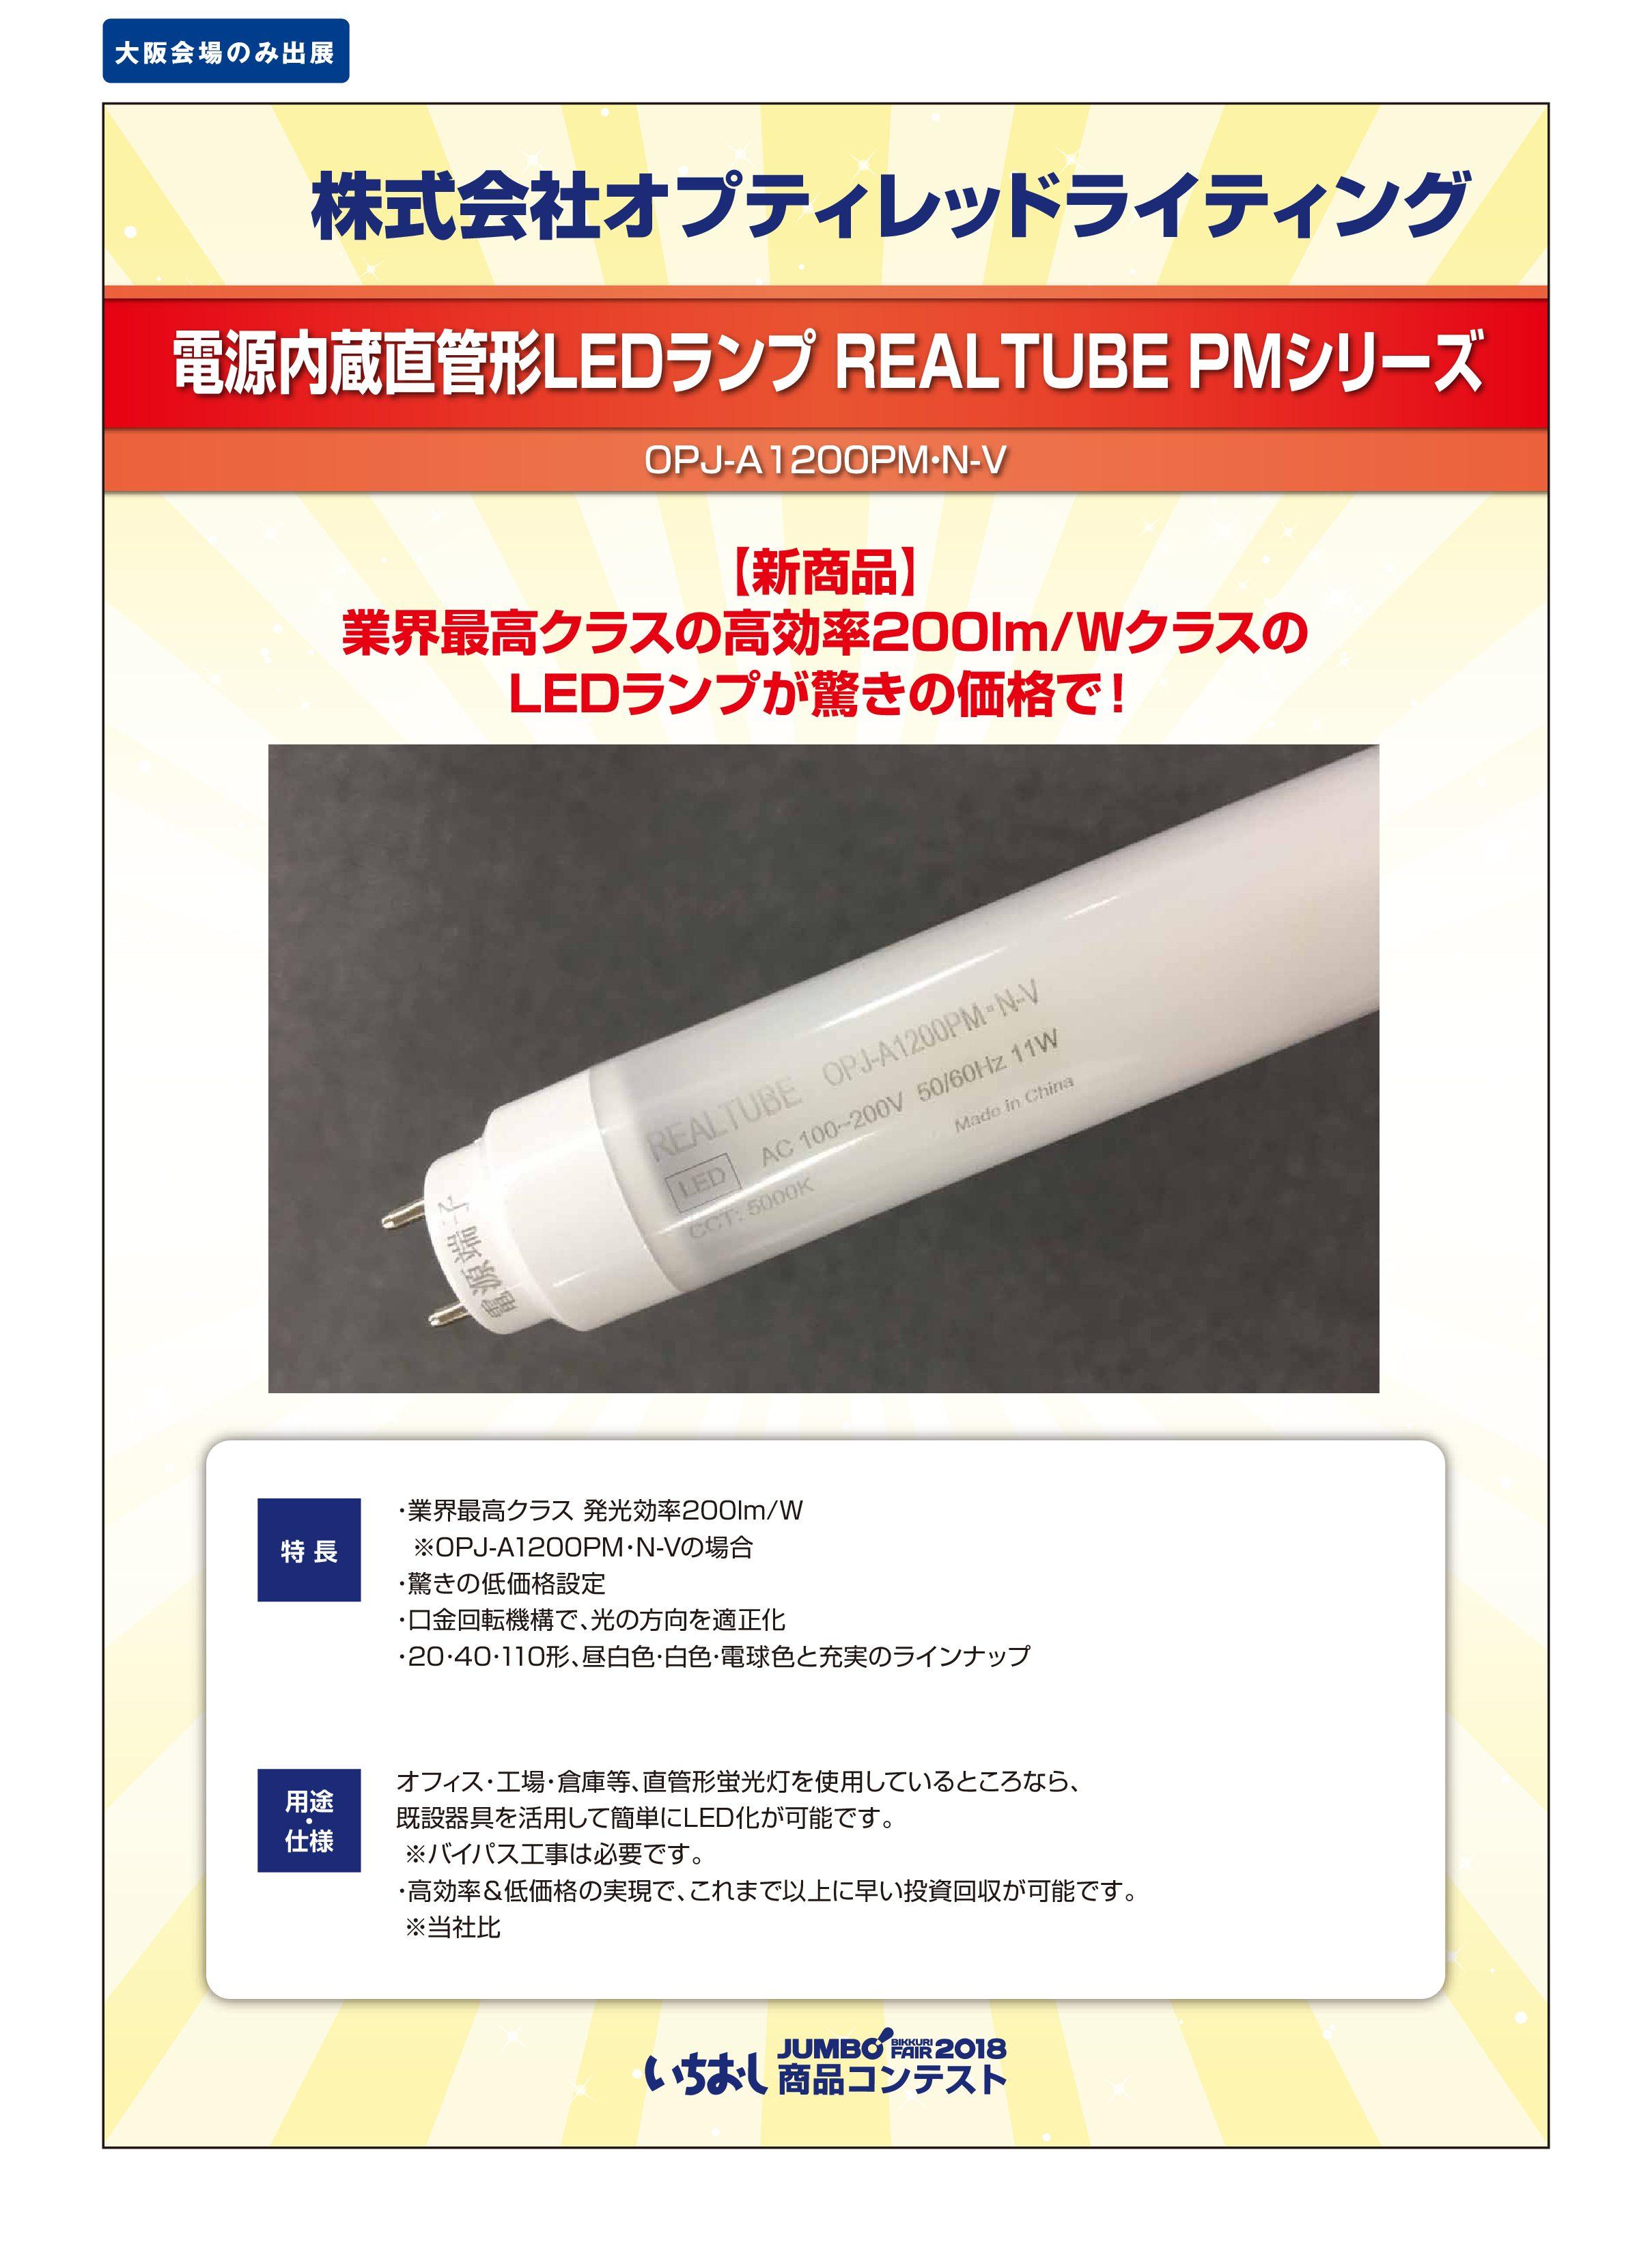 「電源内蔵直管形LEDランプ REALTUBE PMシリーズ」株式会社オプティレッドライティングの画像